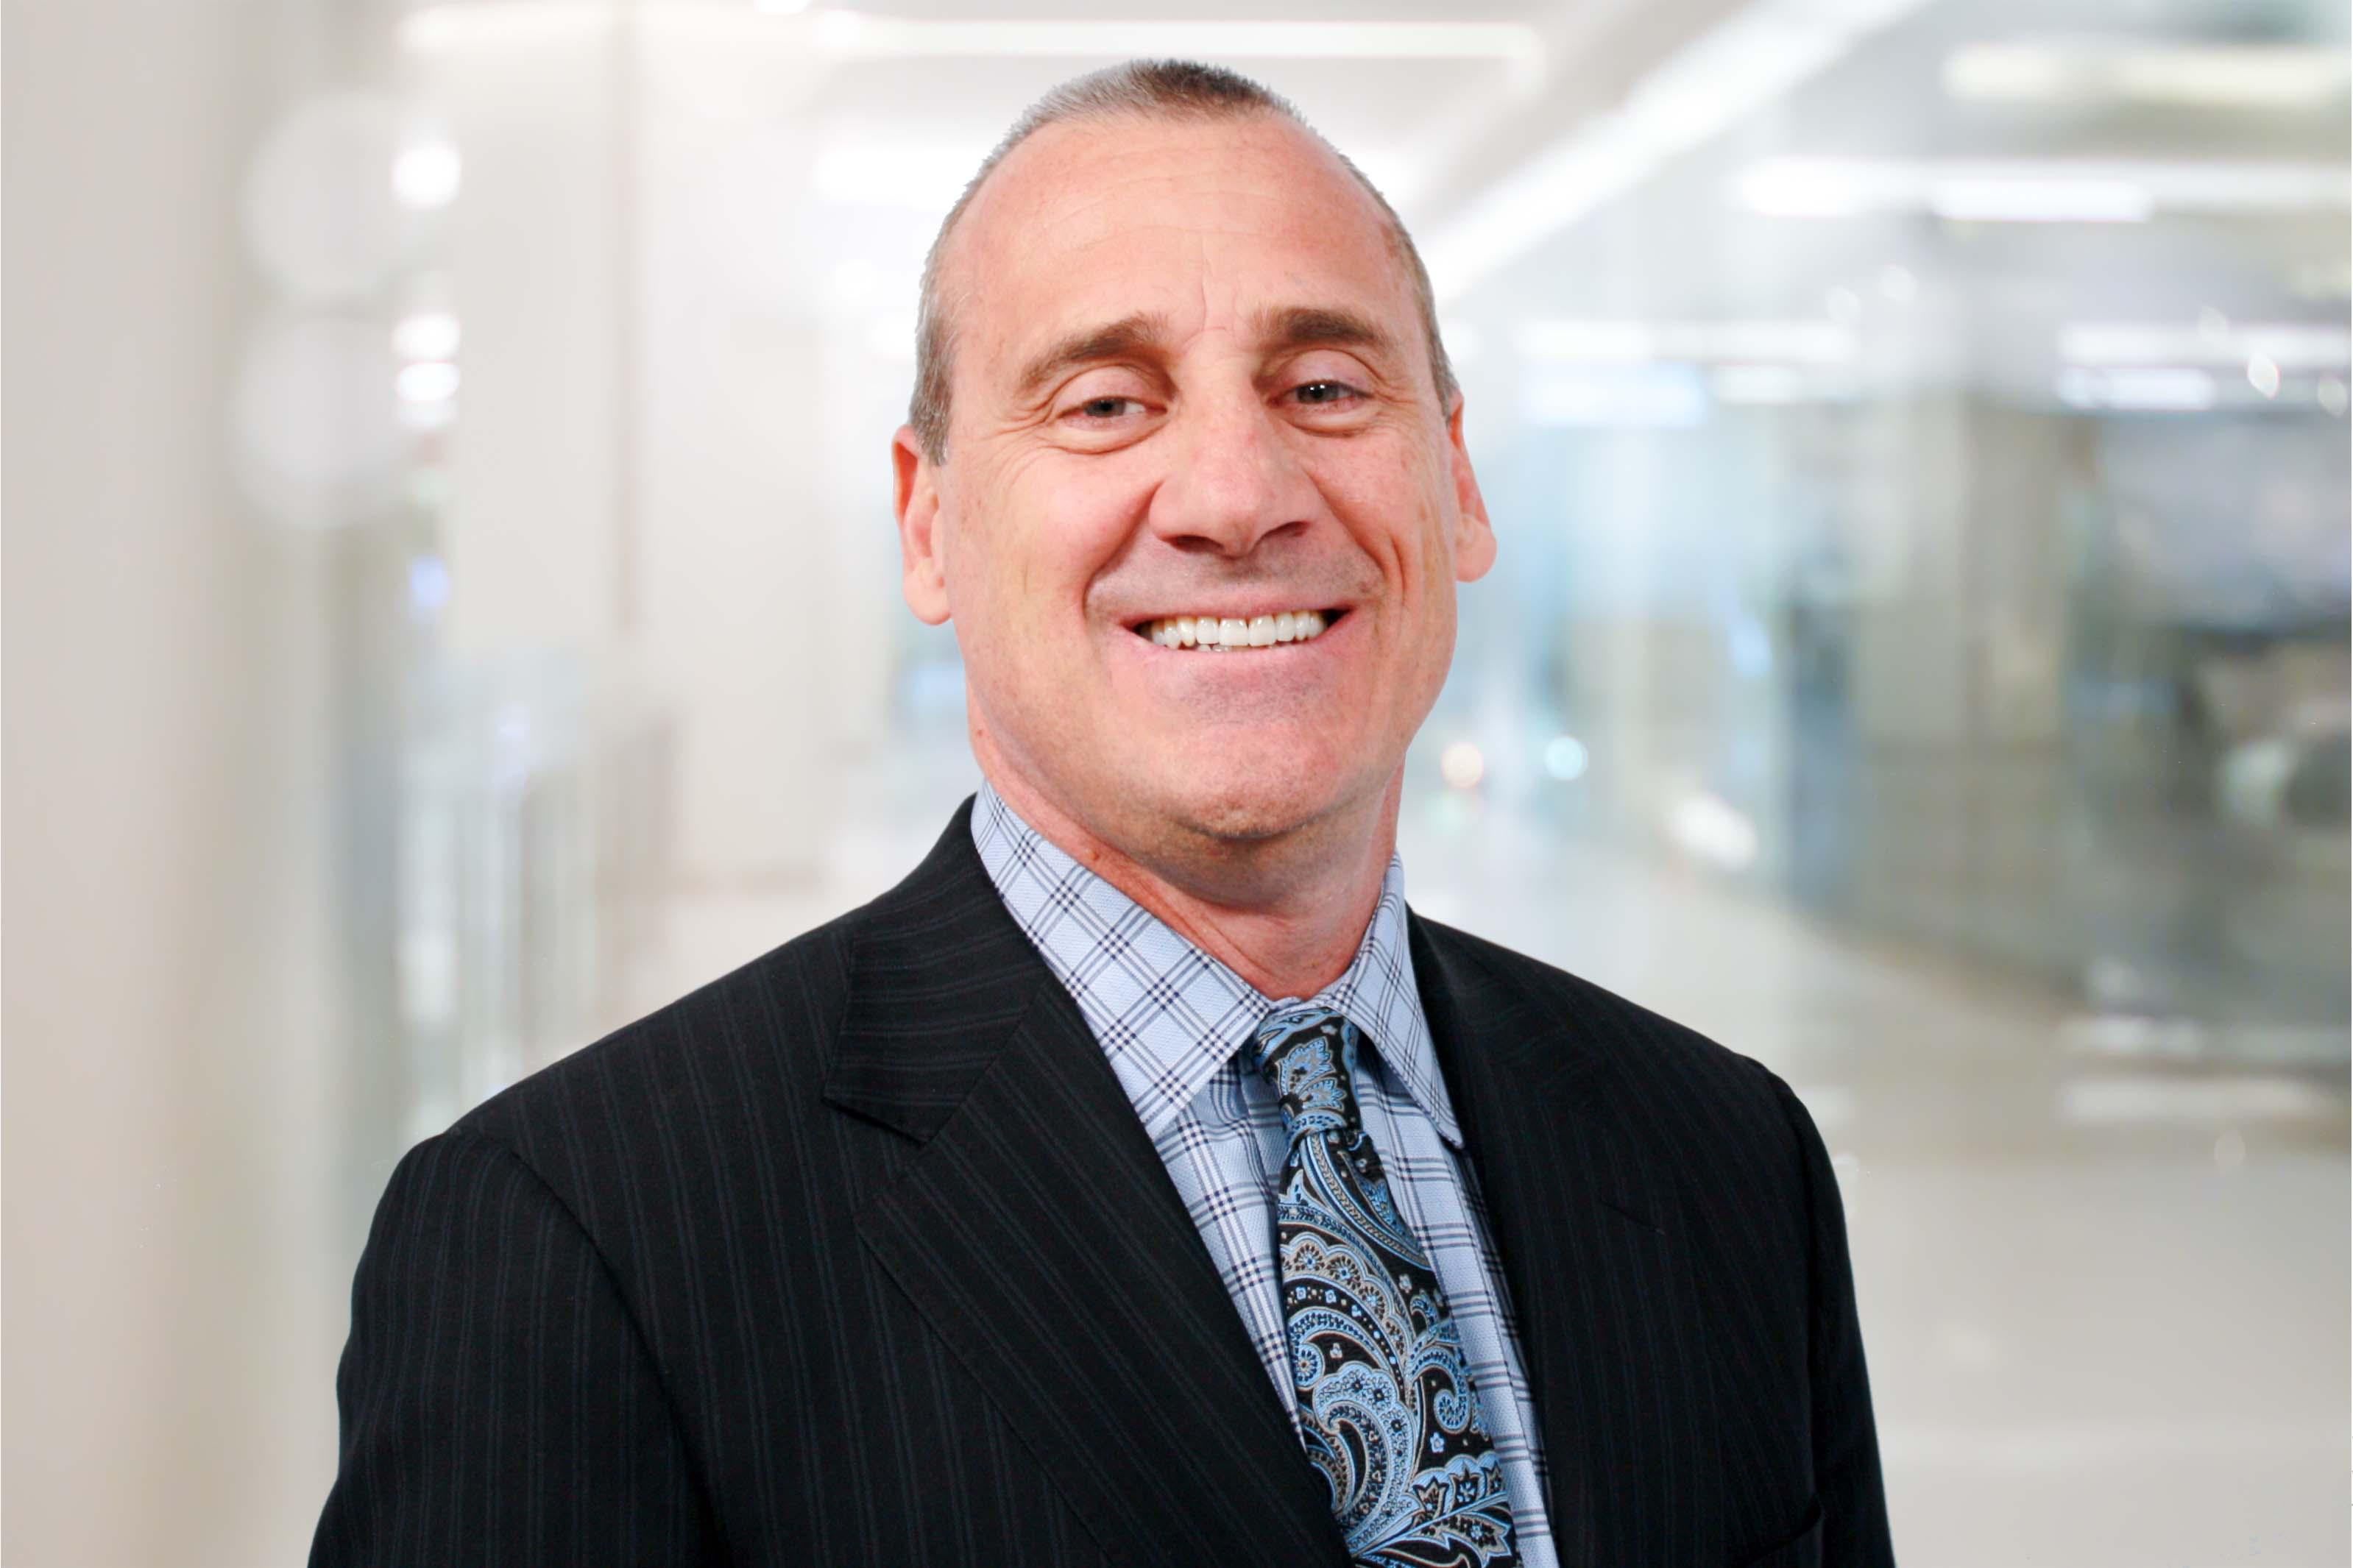 Headshot photo of Stephen A. Lasota